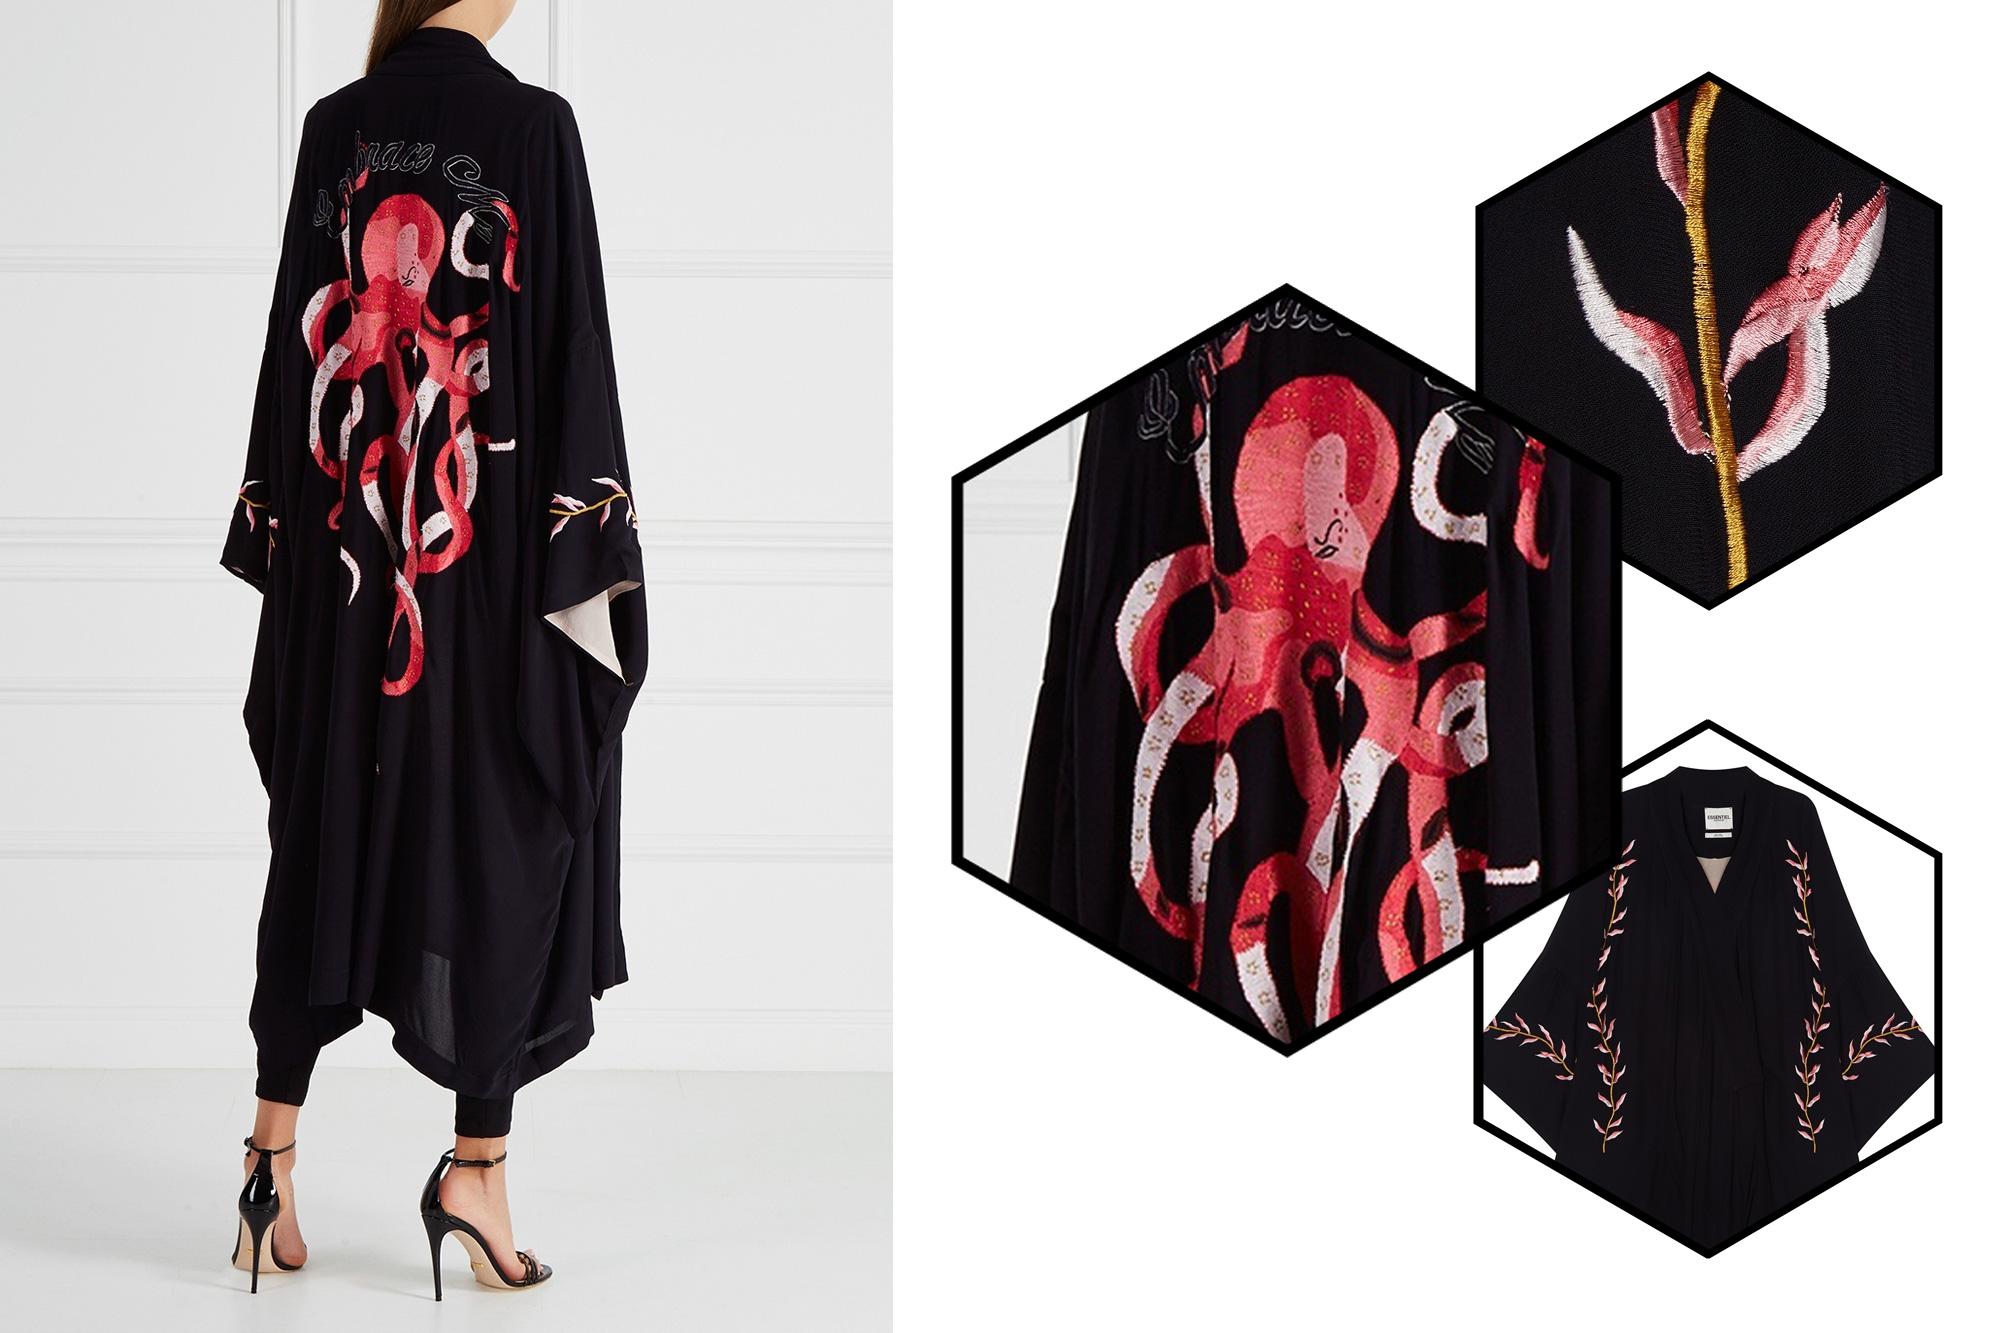 [Вещь недели] Халат-кимоно Octopussy от Essentiel